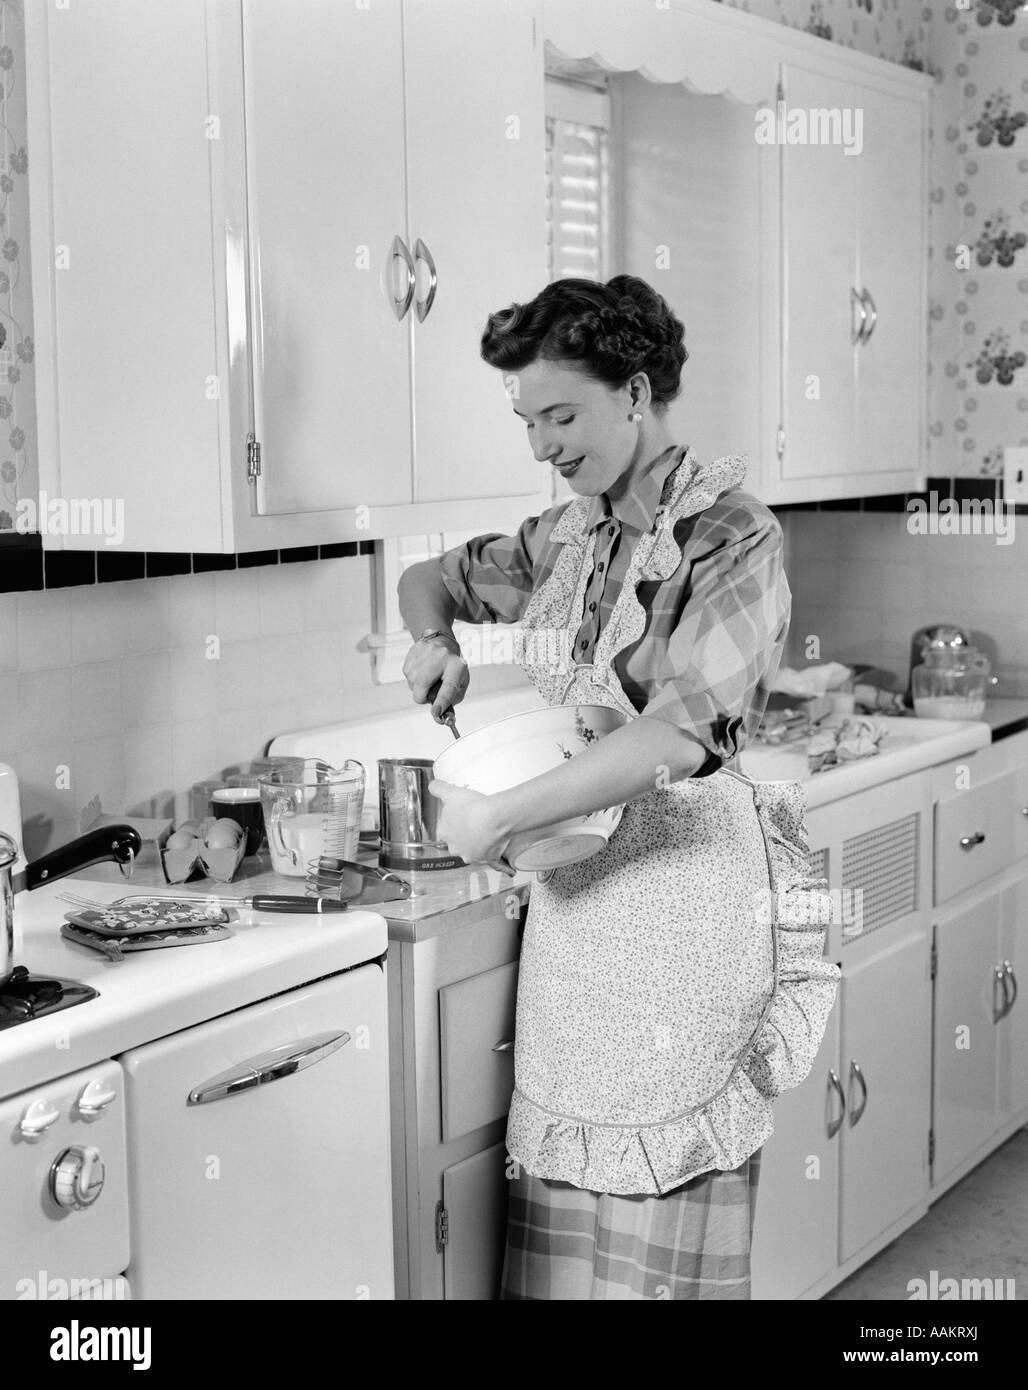 1950s Housewife Kitchen Stockfotos 1950s Housewife Kitchen Bilder